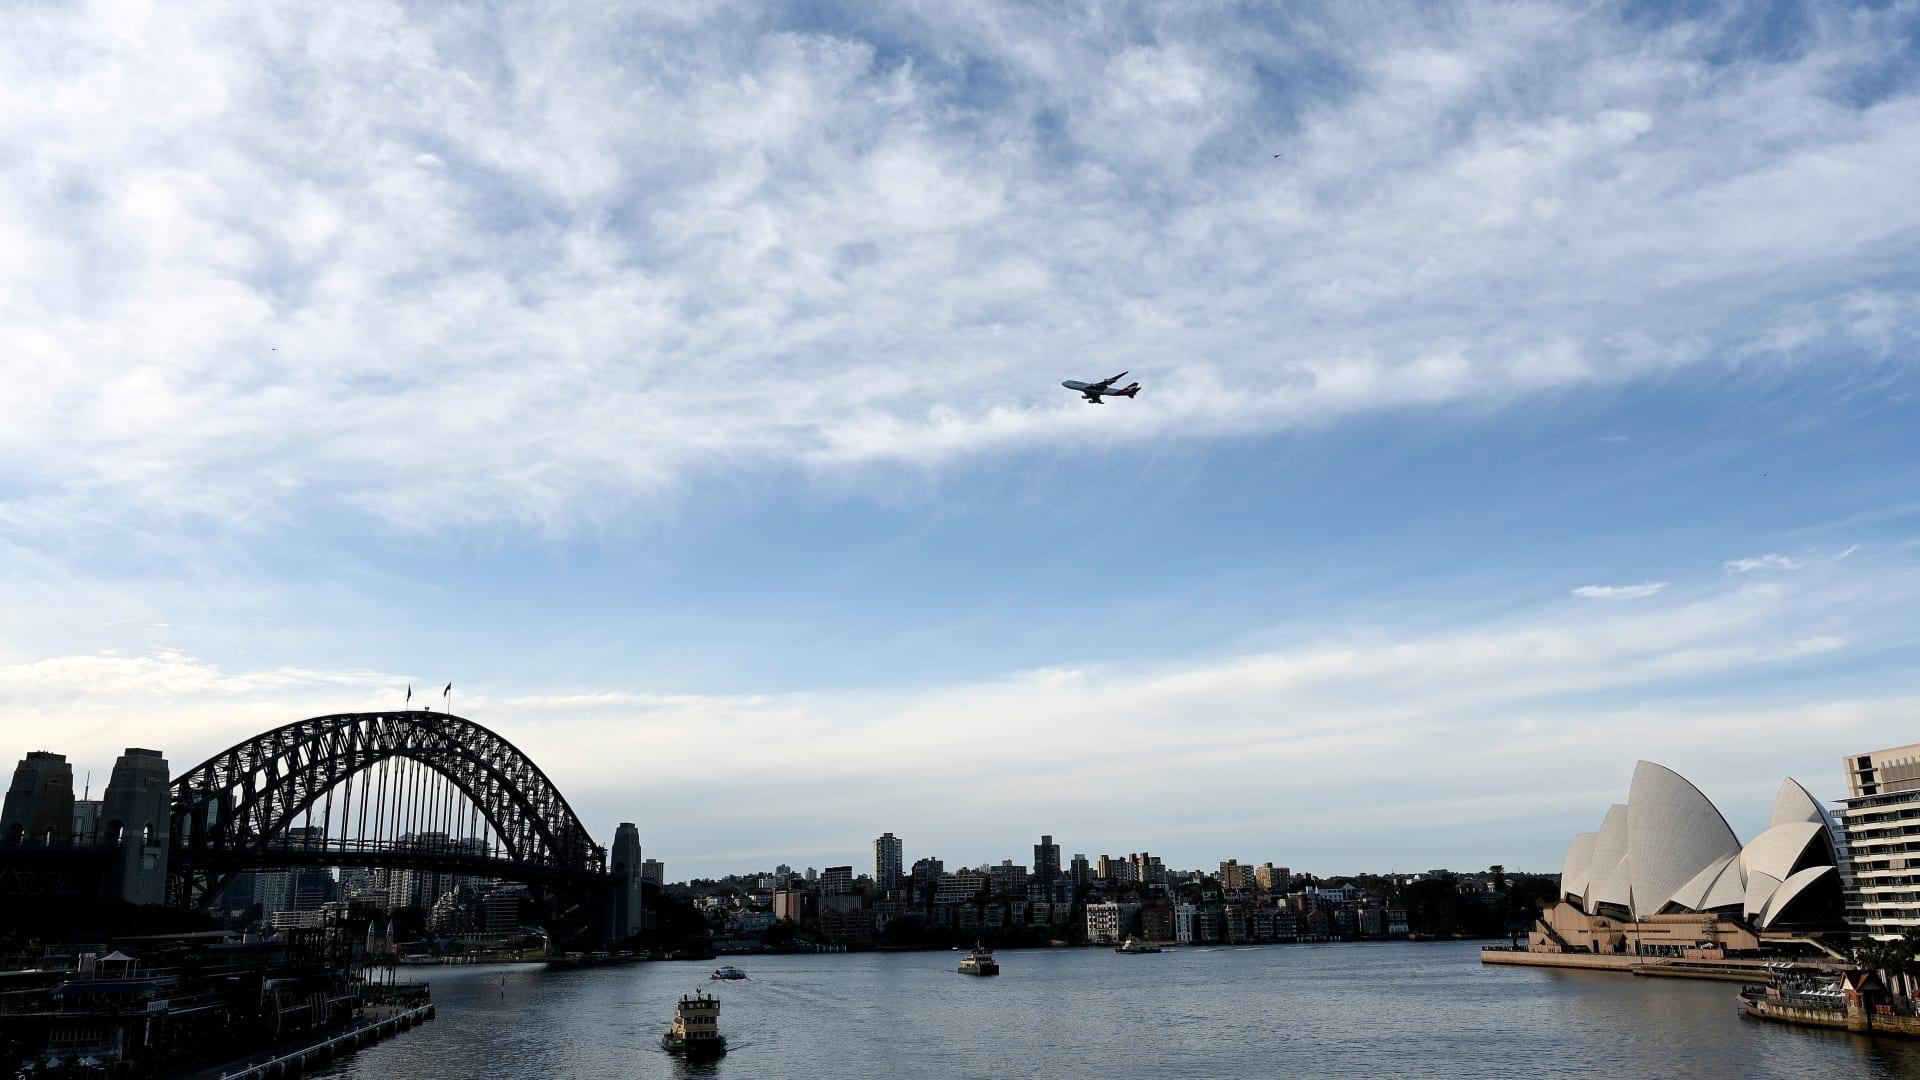 """بدون جواز سفر أو حجر صحي.. خطوط """"كانتاس"""" الجوية تكافح قيود كورونا برحلة خاصة حول أستراليا"""